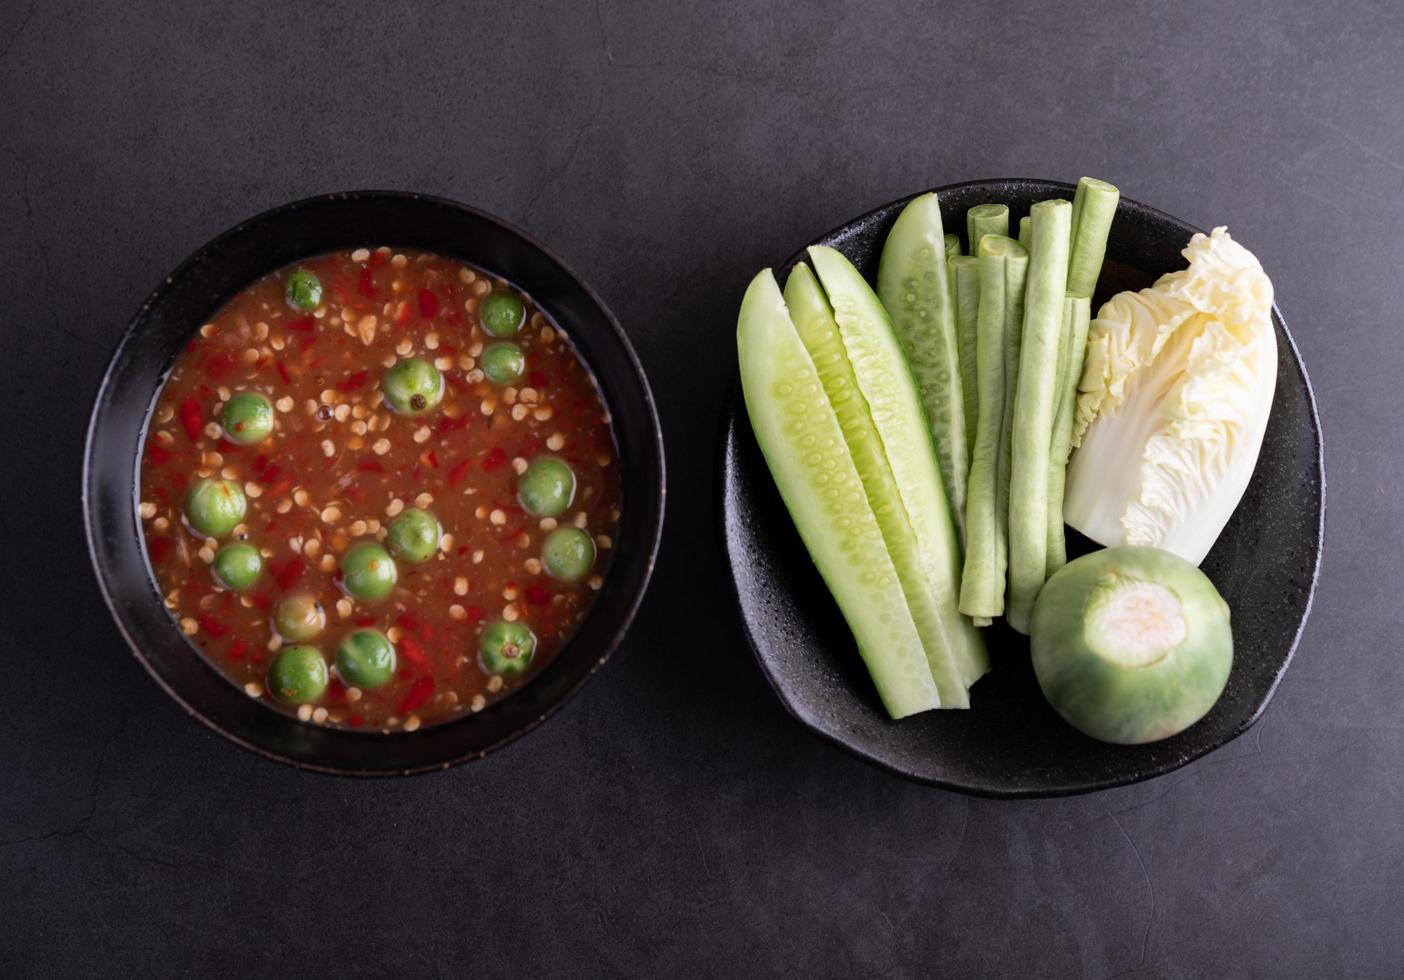 räkor-pastasås i en svart skål med gurka, bönor och thailändsk aubergine foto